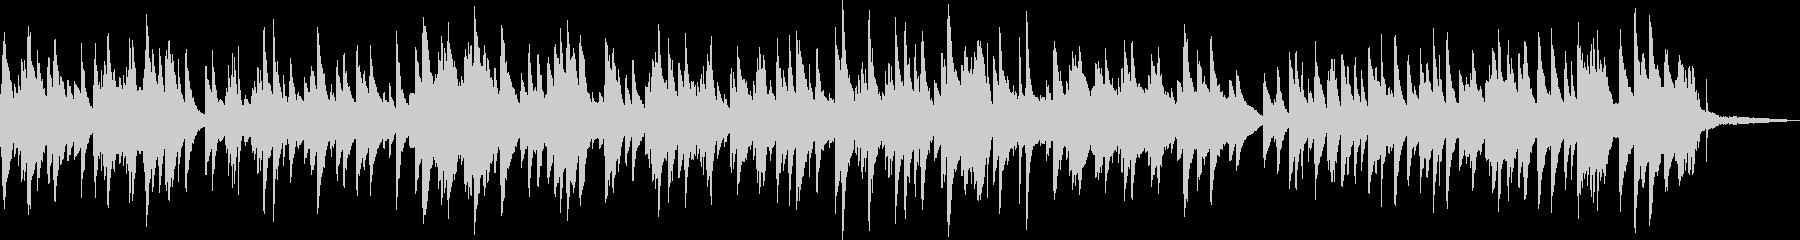 ロマンチックなピアノソロ(主張はしない)の未再生の波形